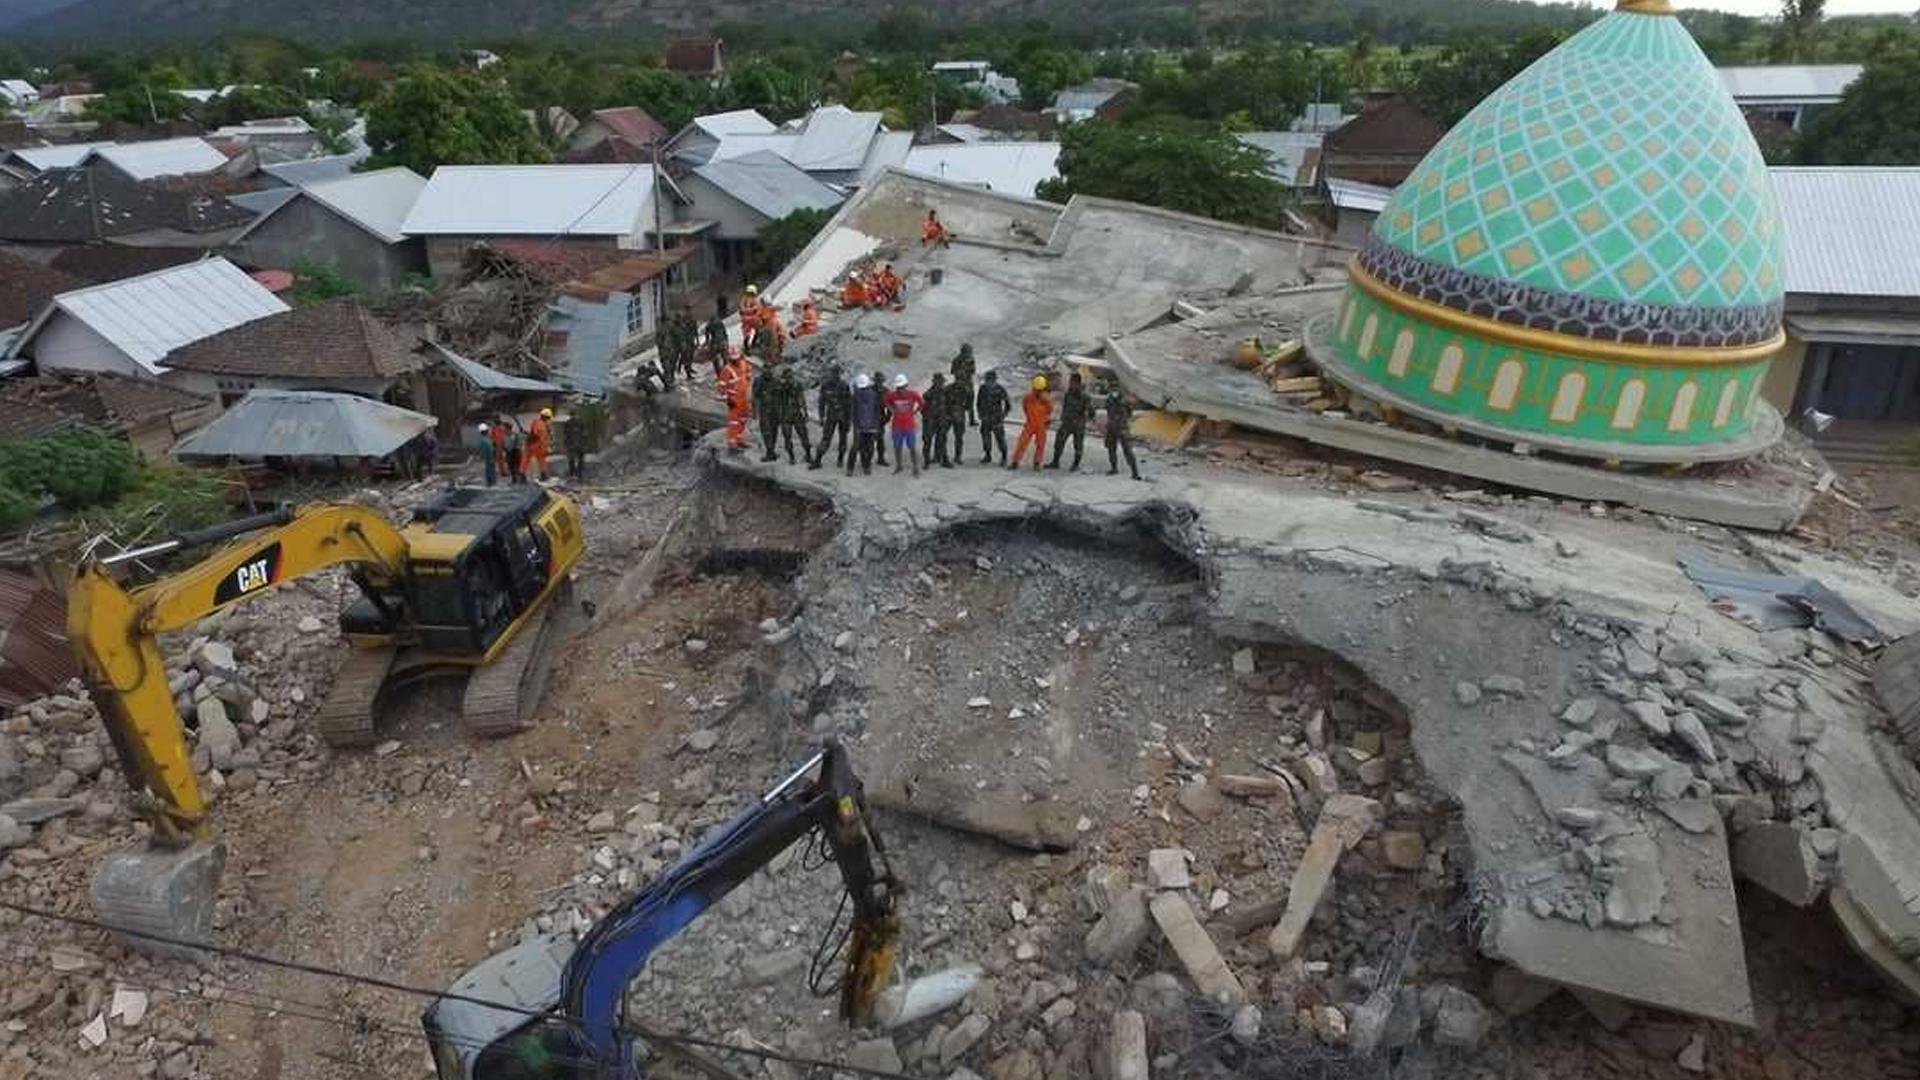 بعد أيام من زلزال الأحد المدمر، اهتزت جزيرة لومبوك المنكوبة في إندونيسيا الخميس، على وقع زلزال قوي بلغت شدته 6.2 درجة مما أدى إلى انهيار بعض المباني.